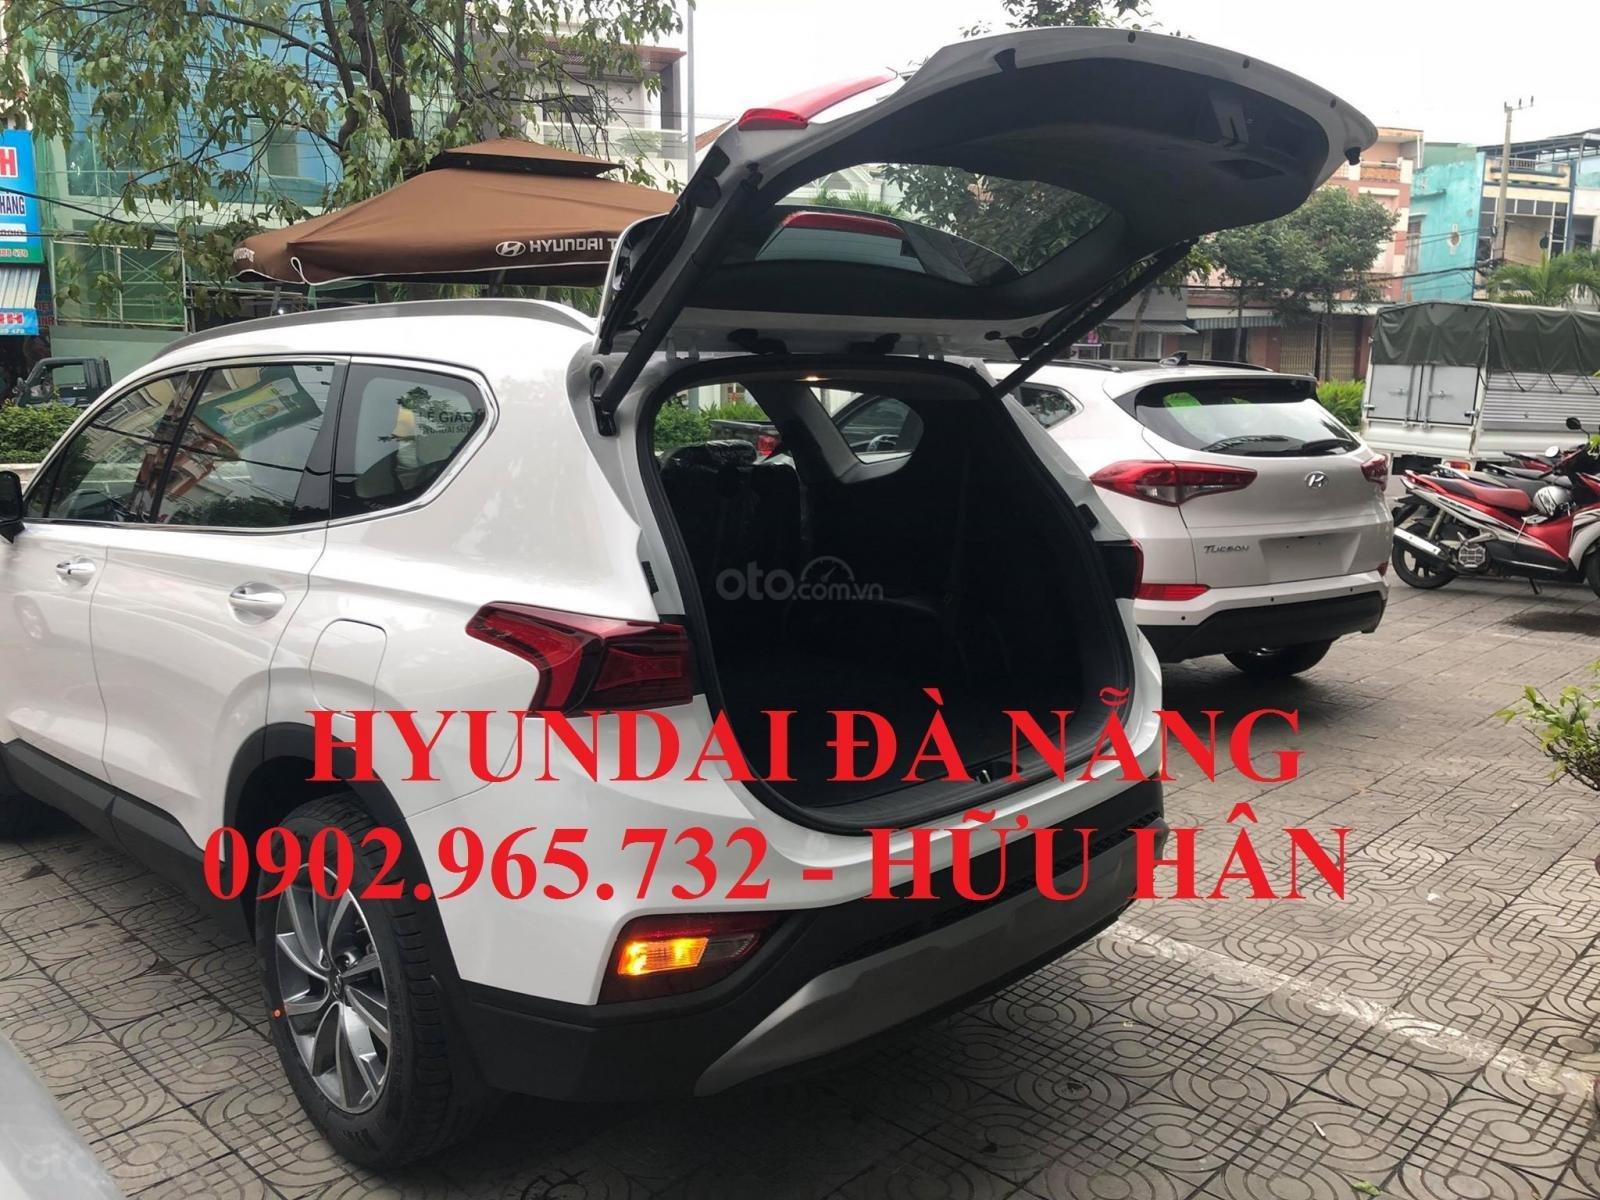 Hyundai SantaFe 2019, giảm giá cực Shock, tặng full đồ chơi. LH 0902965732 - Hữu Hân-3